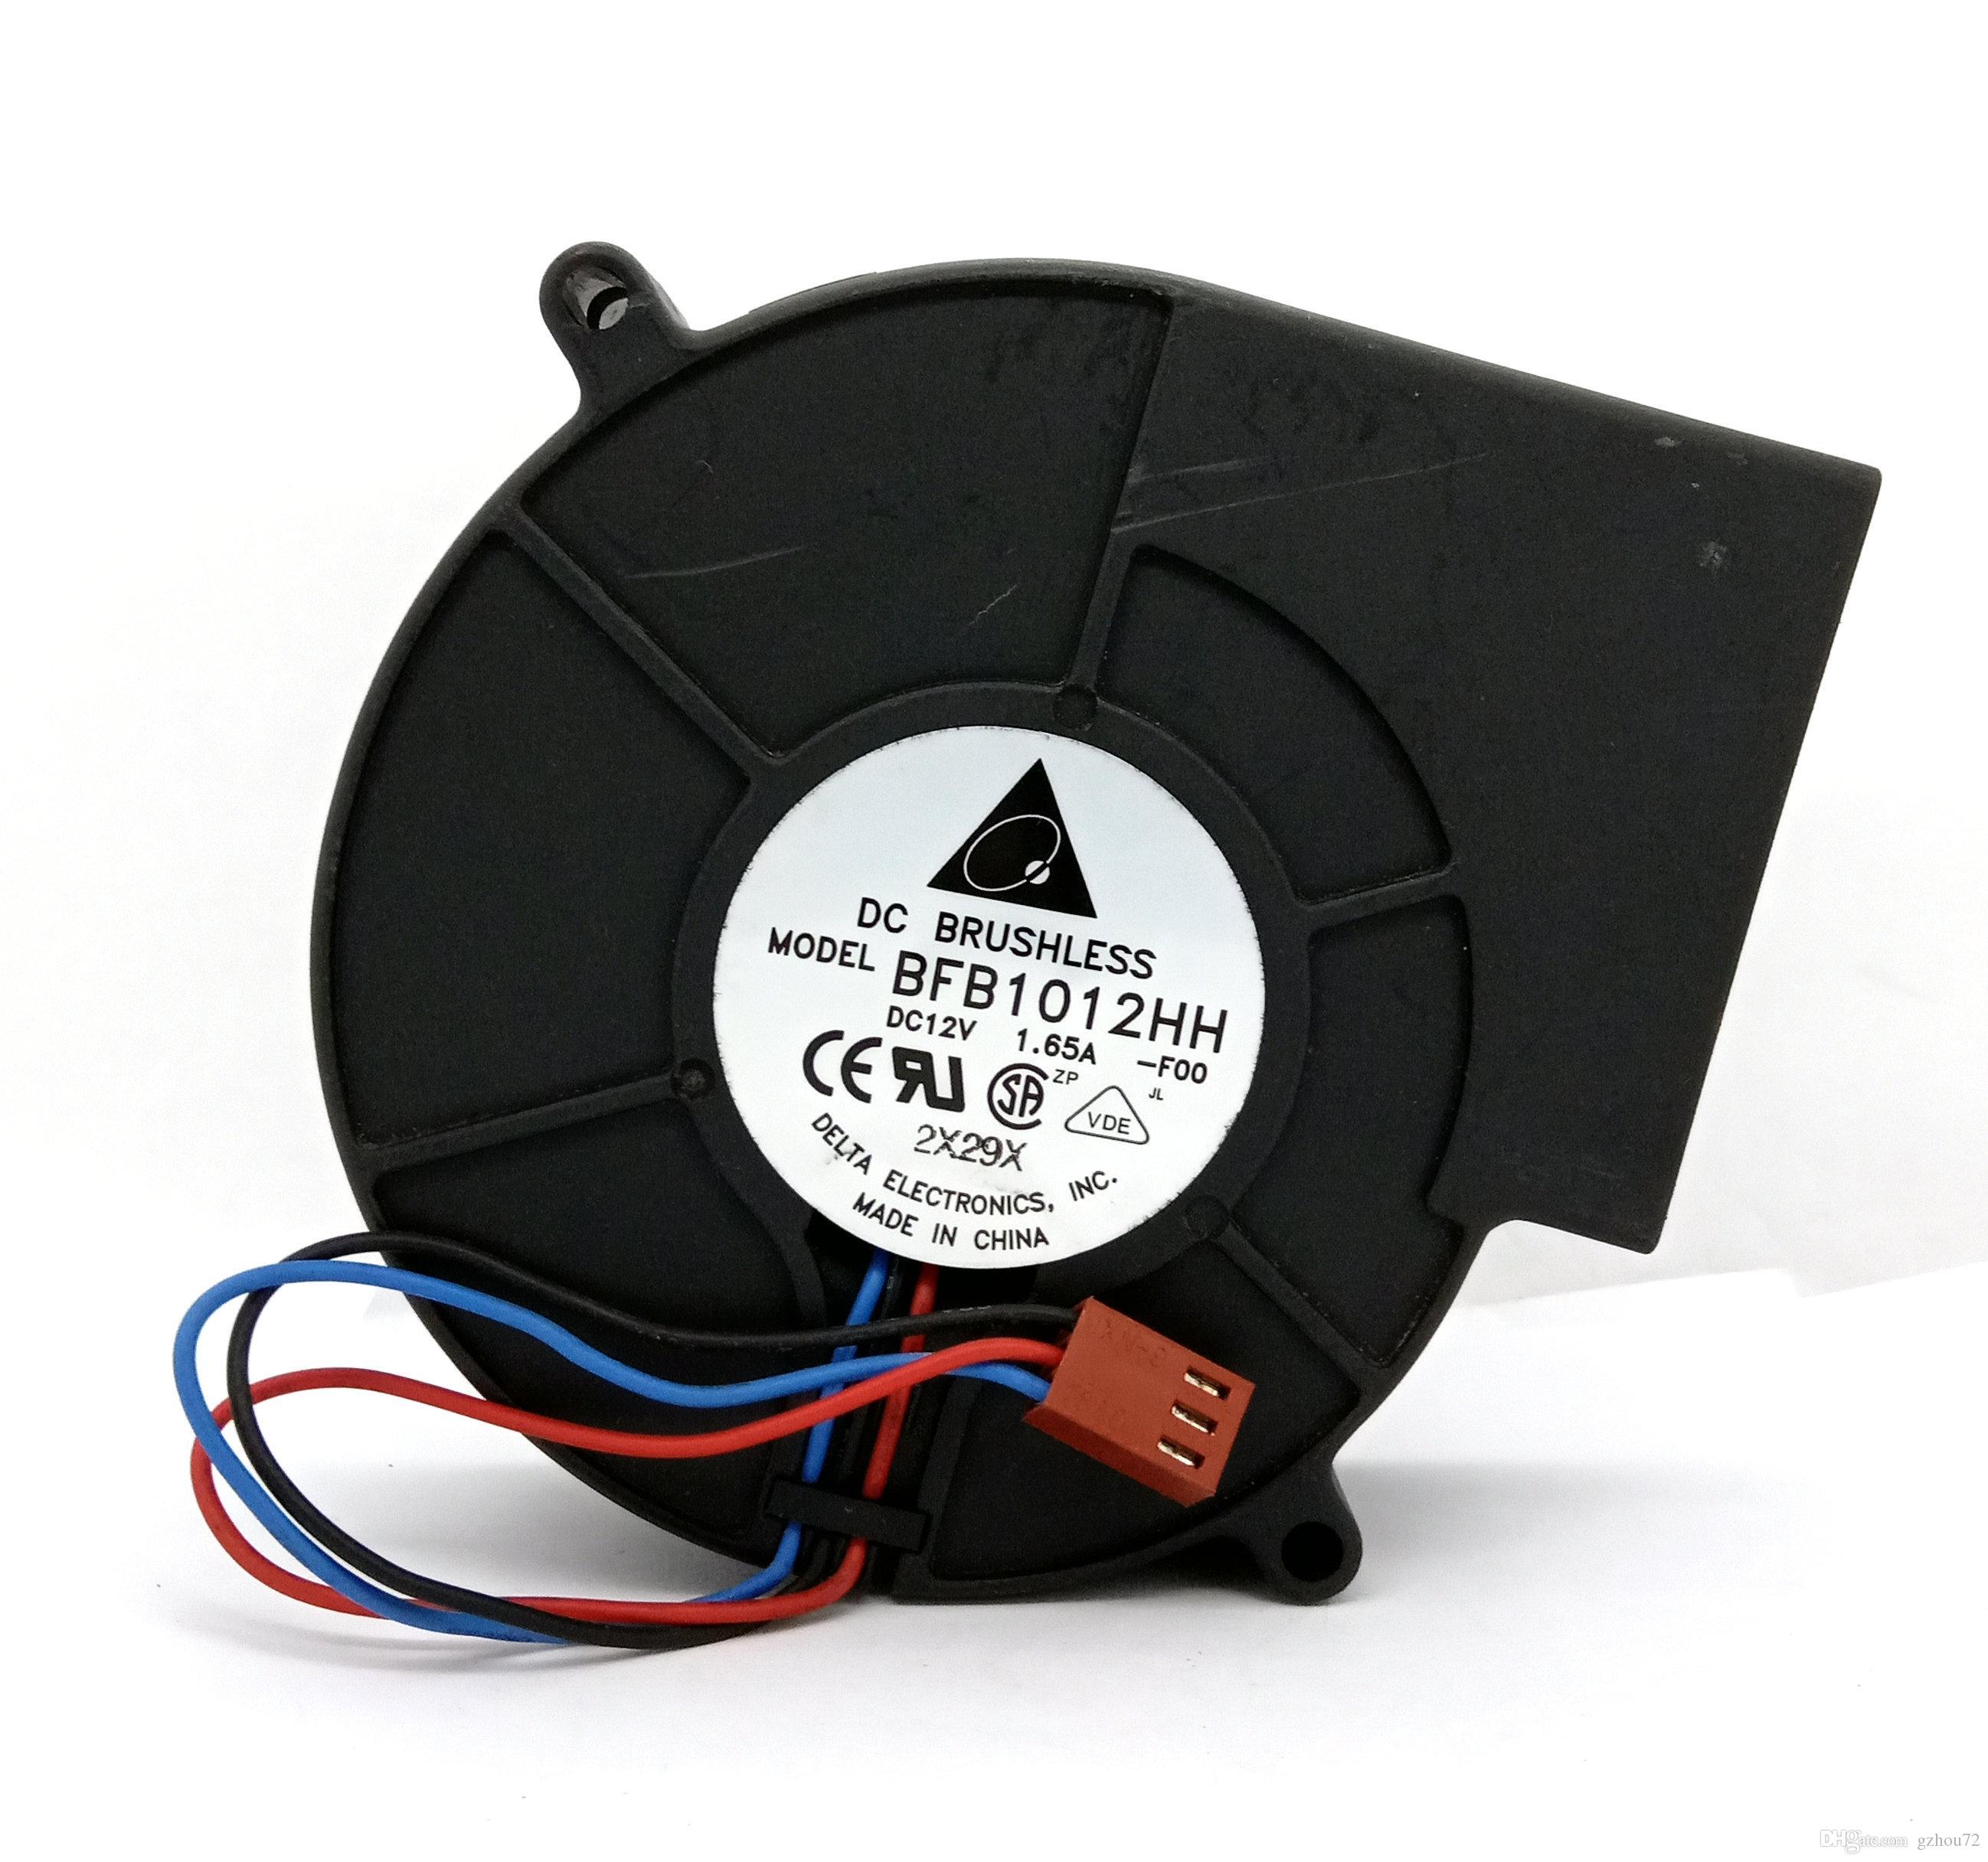 Original Delta BFB1012HH -F00 DC12V 1.65A 97x33MM 3Lines ventilador de refrigeração